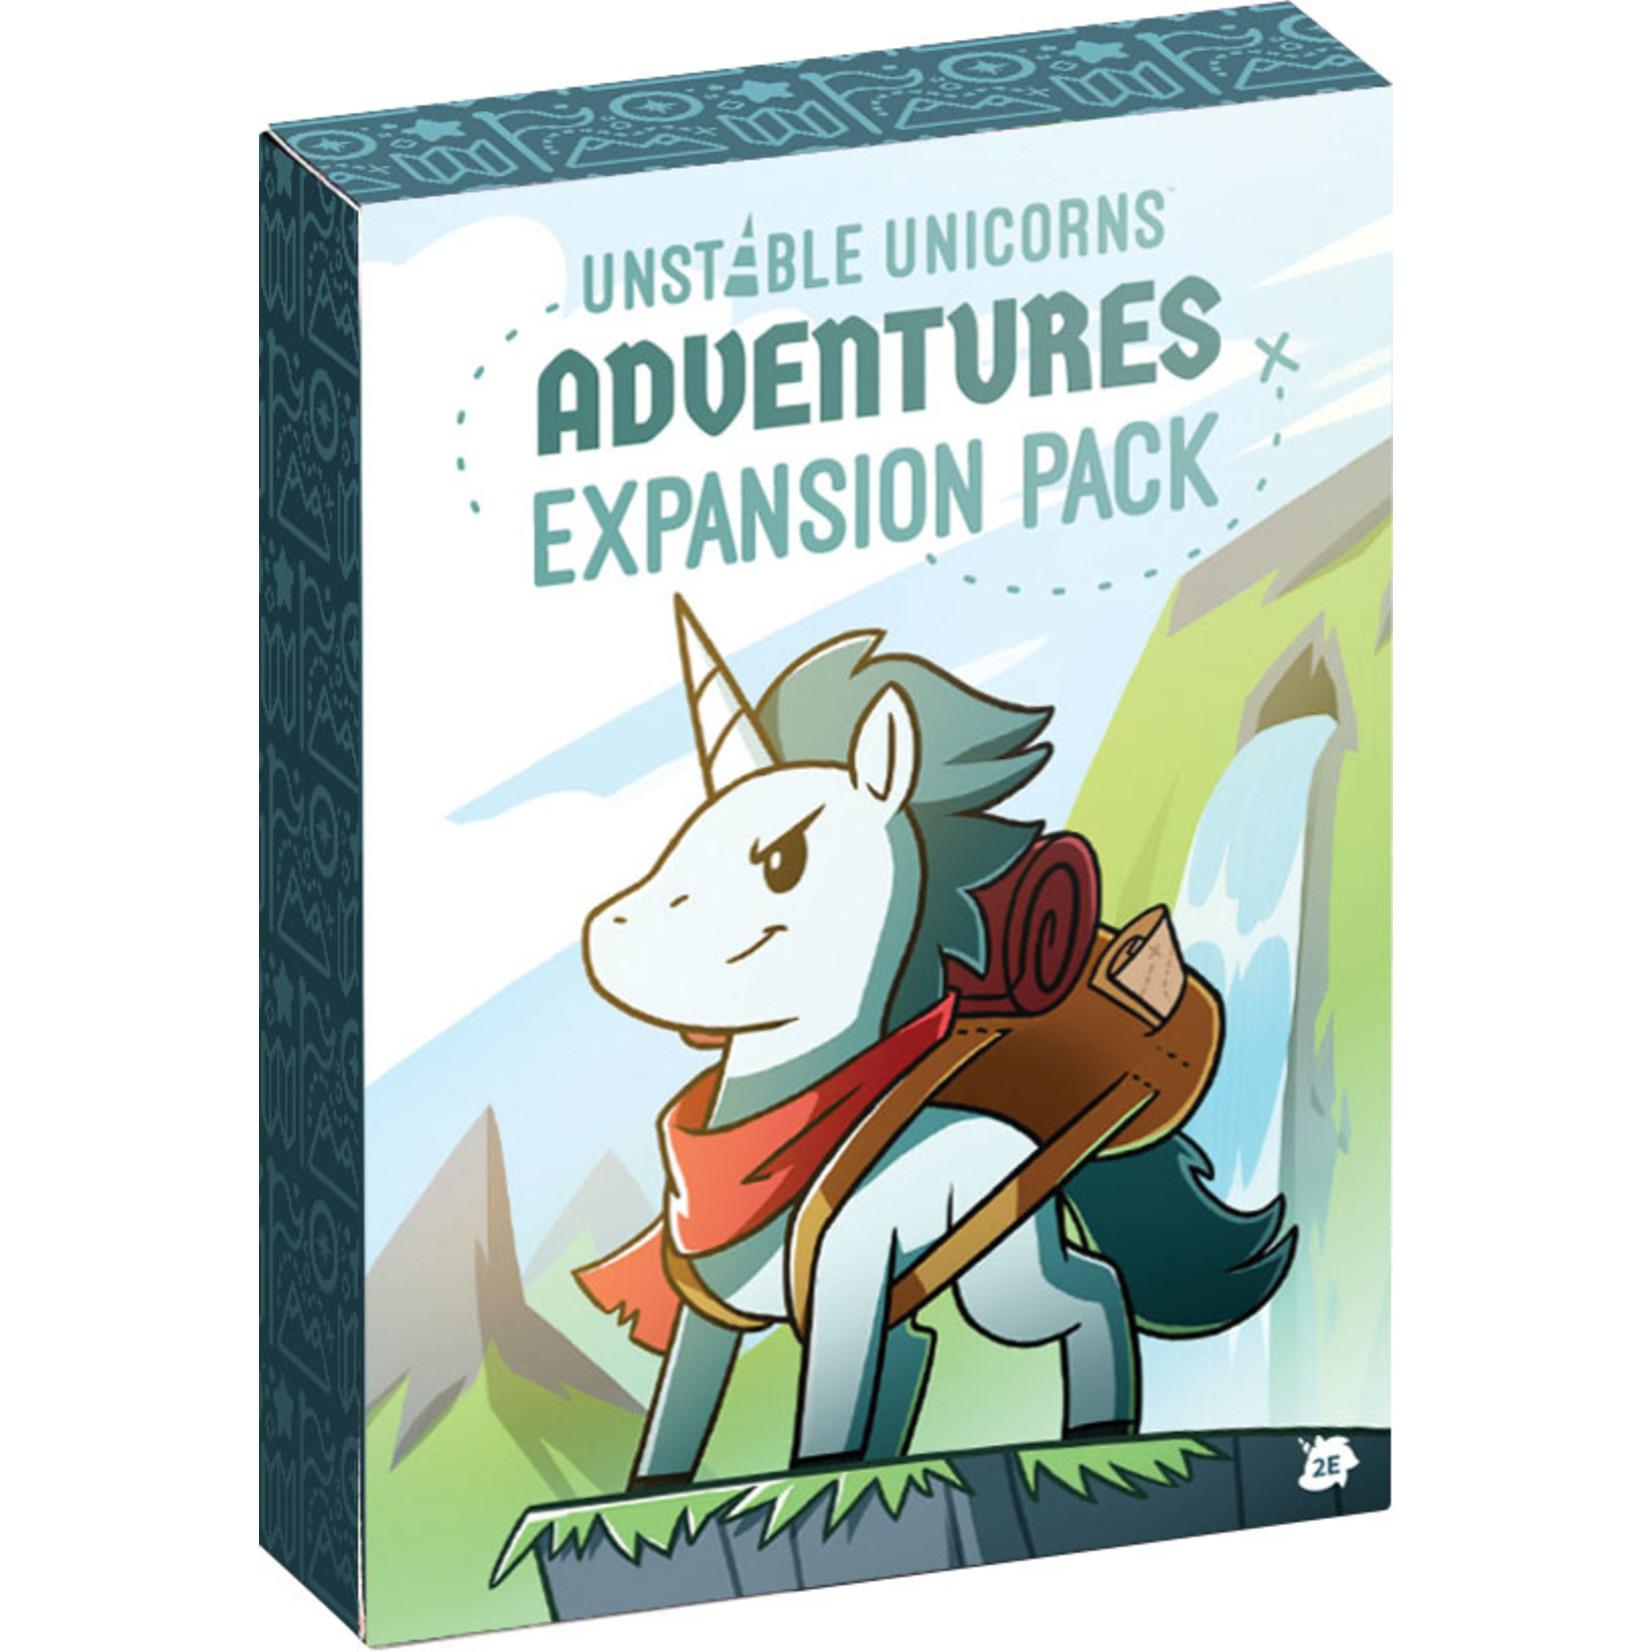 Unstable Unicorns: Adventures Expansion